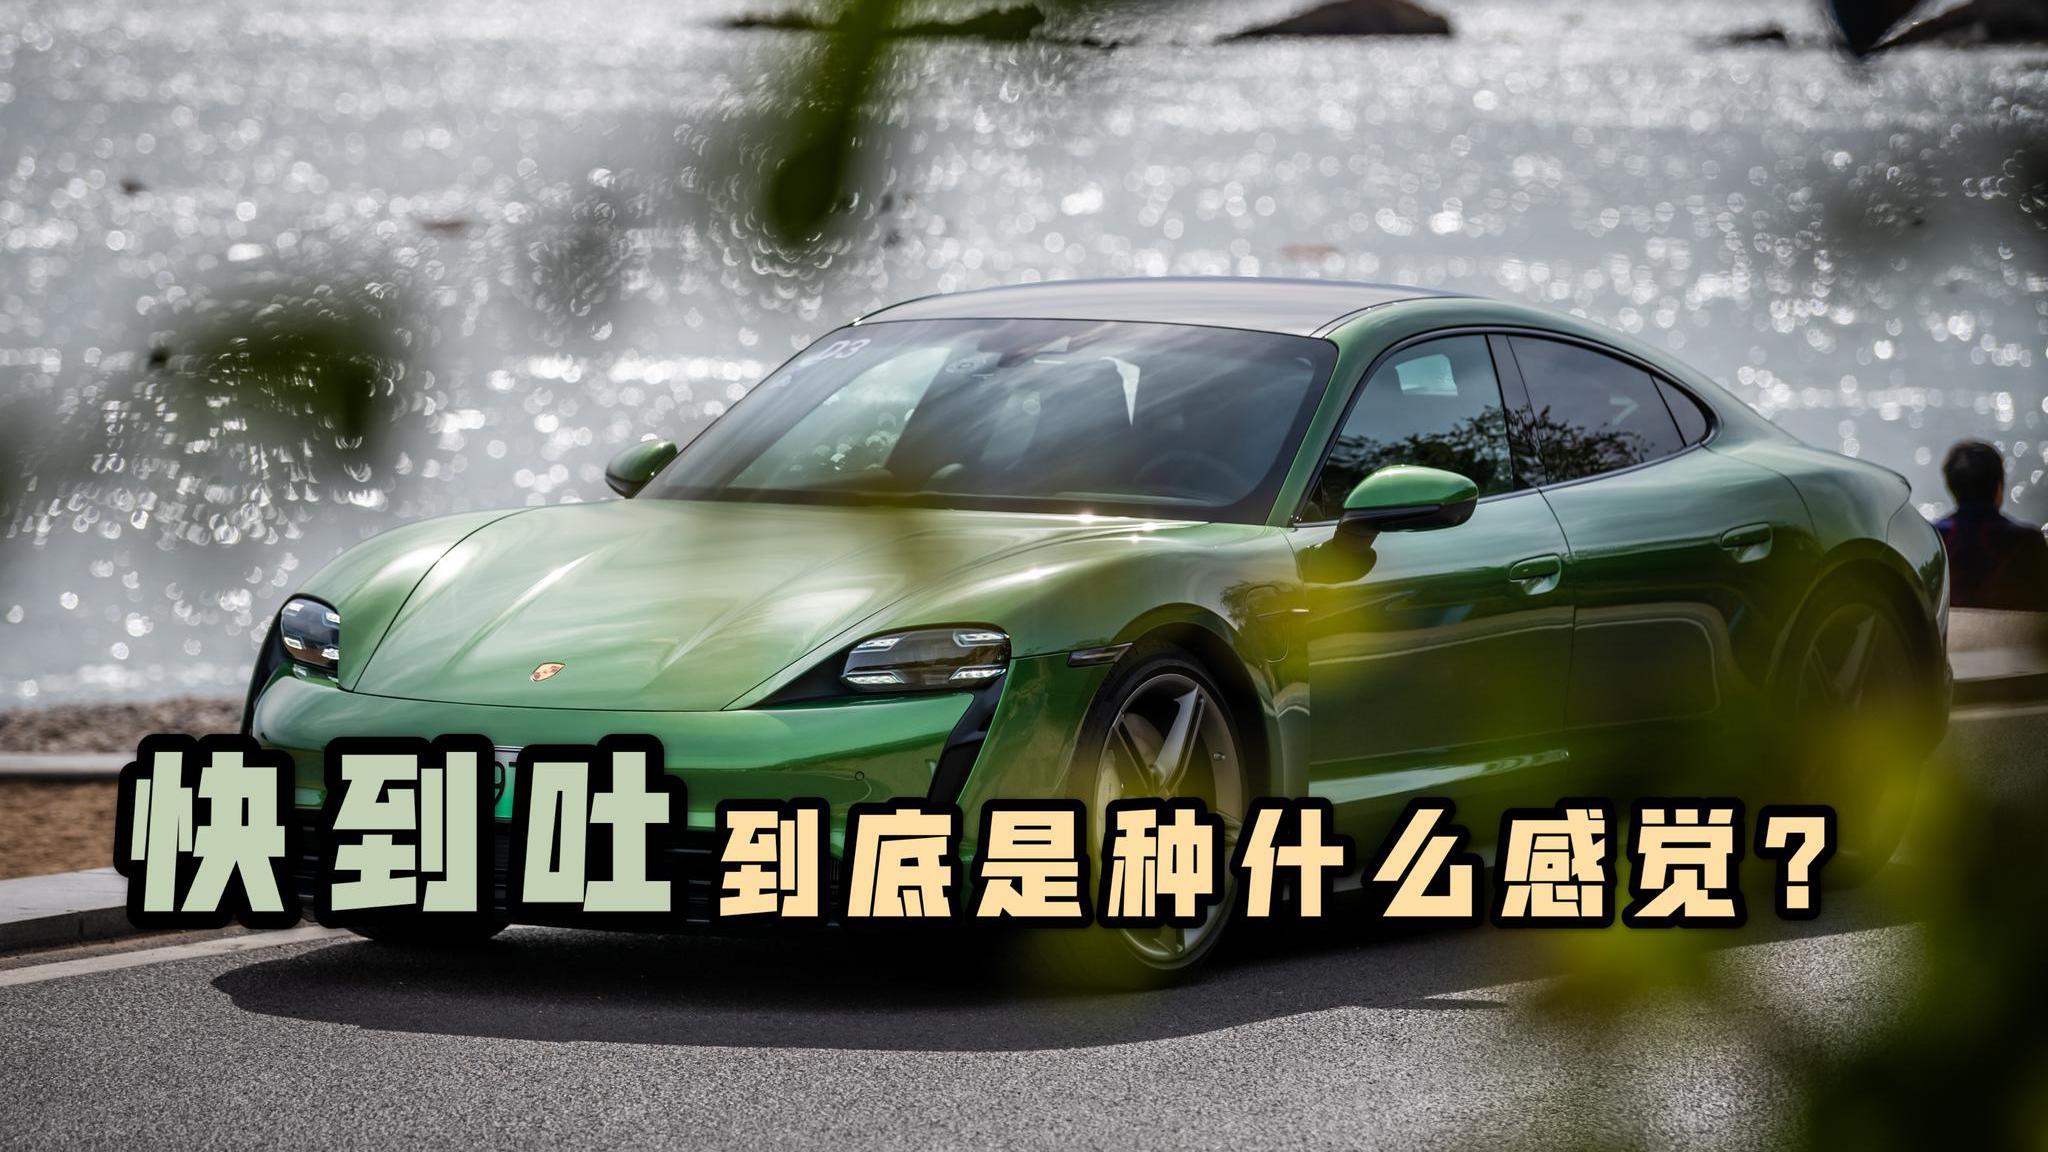 视频:一辆电动车让你驾驶起来快到想吐,这到底是种什么感觉?